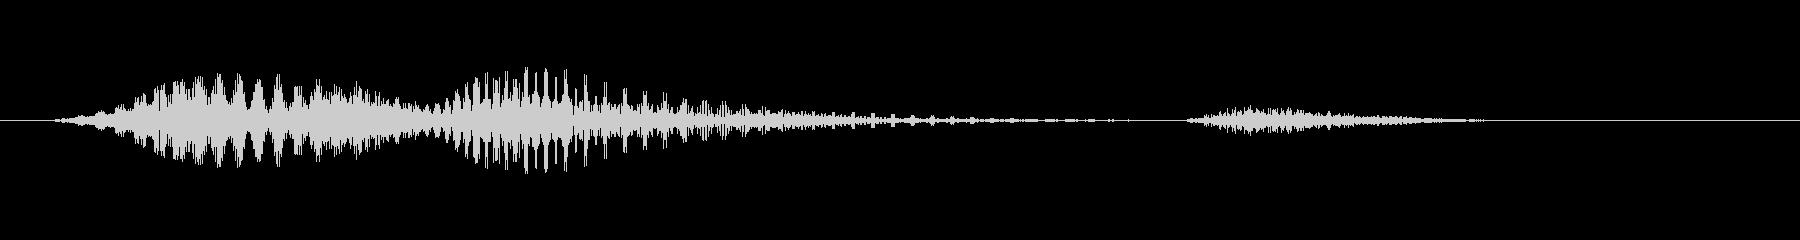 Result:結果(ロボ声)の未再生の波形